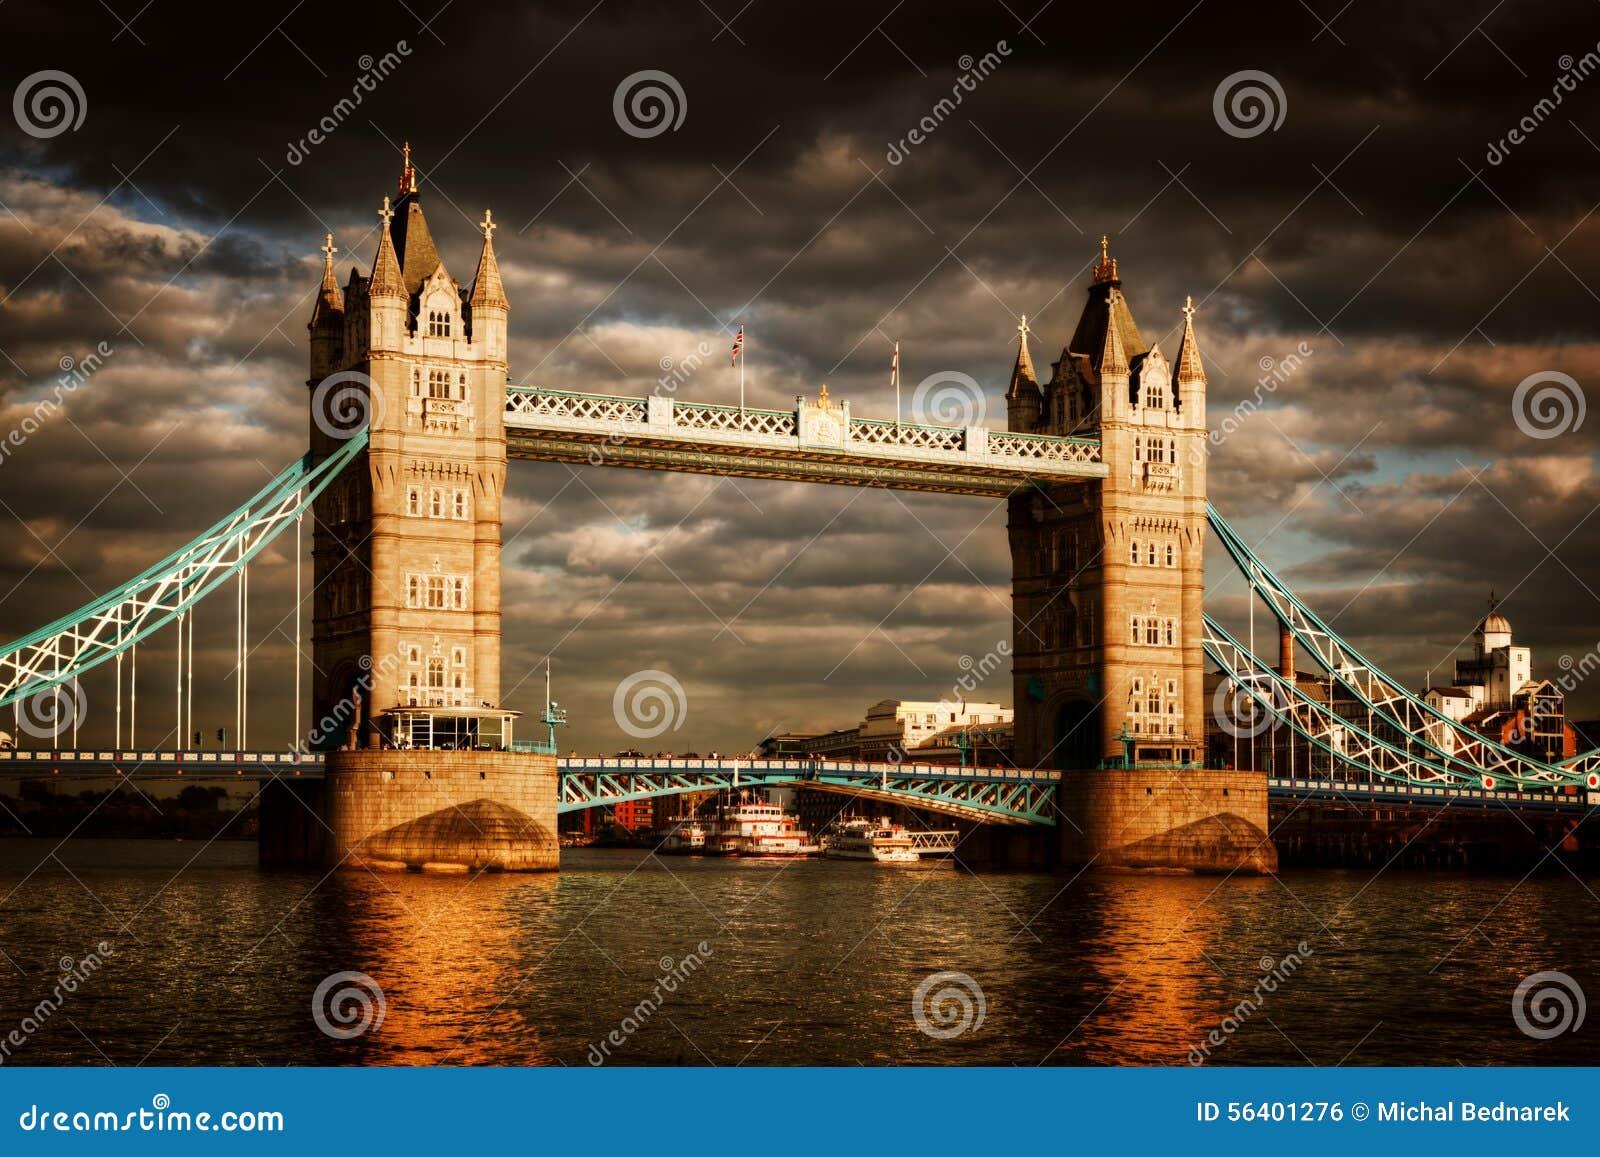 Torenbrug in Londen, het UK Dramatische stormachtige en regenachtige wolken